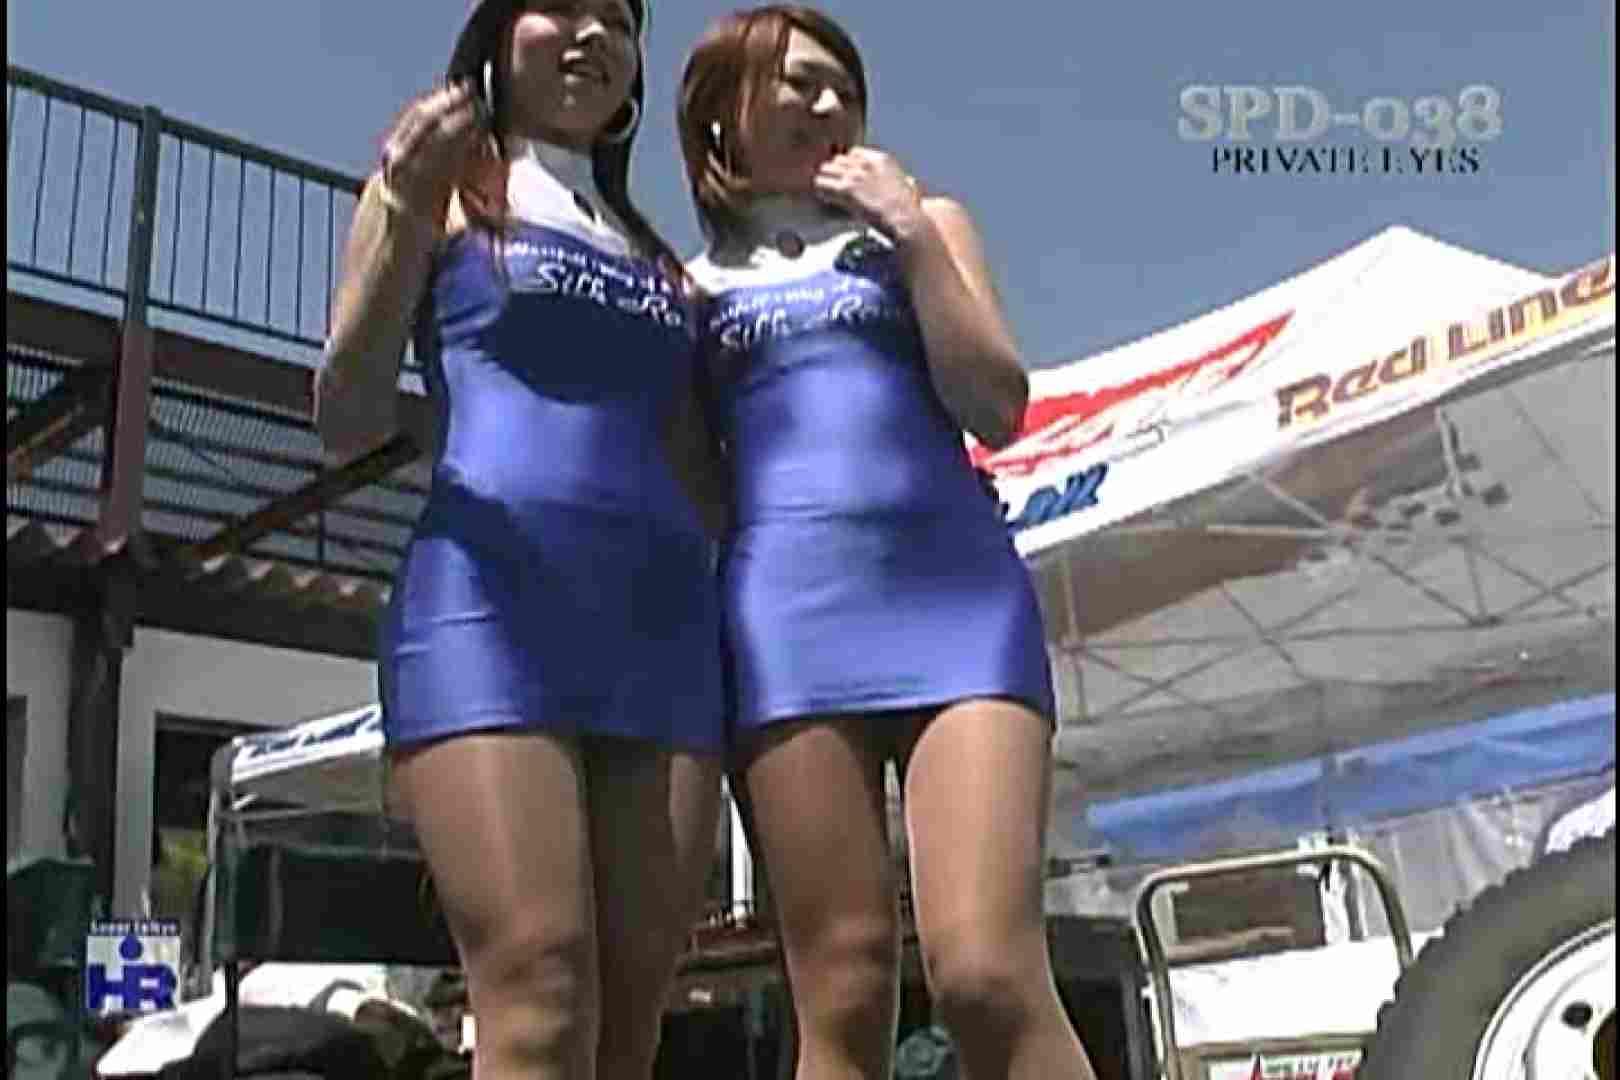 高画質版!SPD-038 サーキットの女神達 仙台ハイランドレースウェイ 高画質  77pic 21